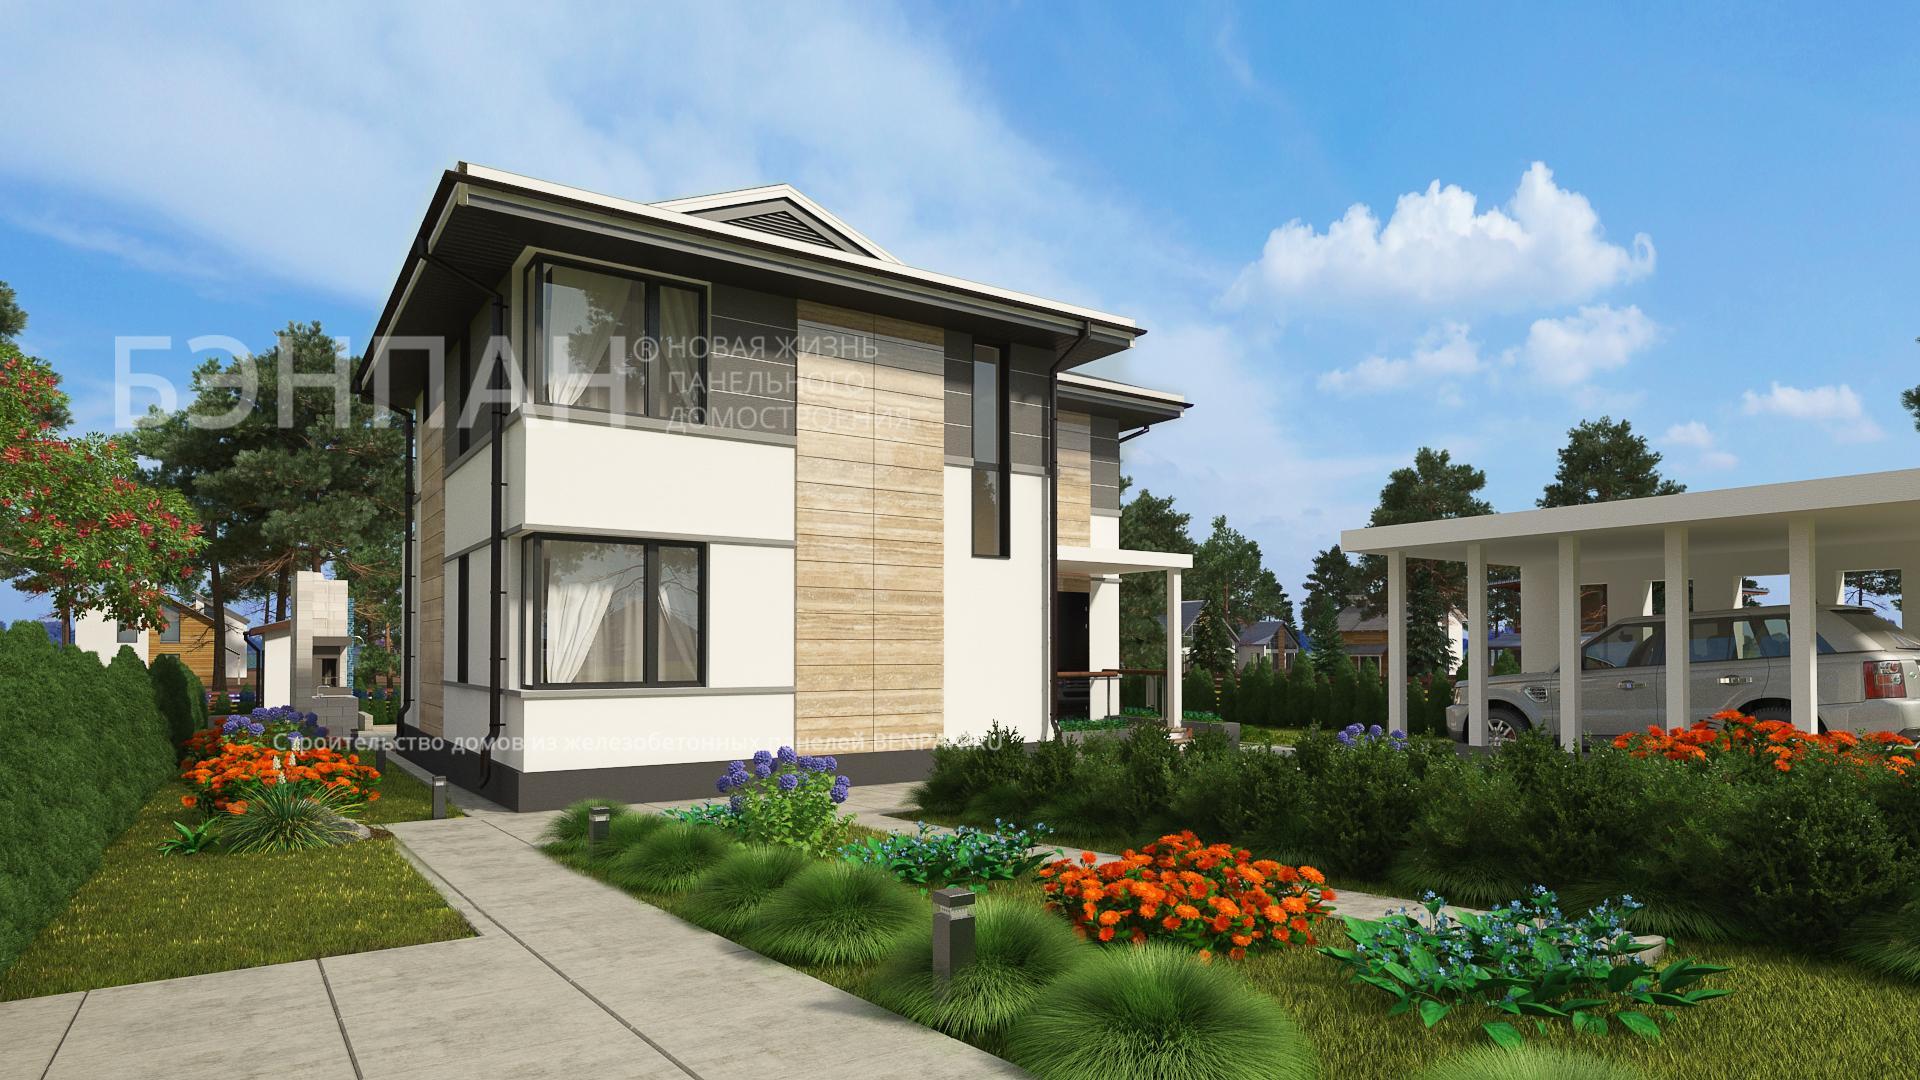 Строительство дома 117.00 м2 по цене от 2635715.236 рублей на январь 2019 года